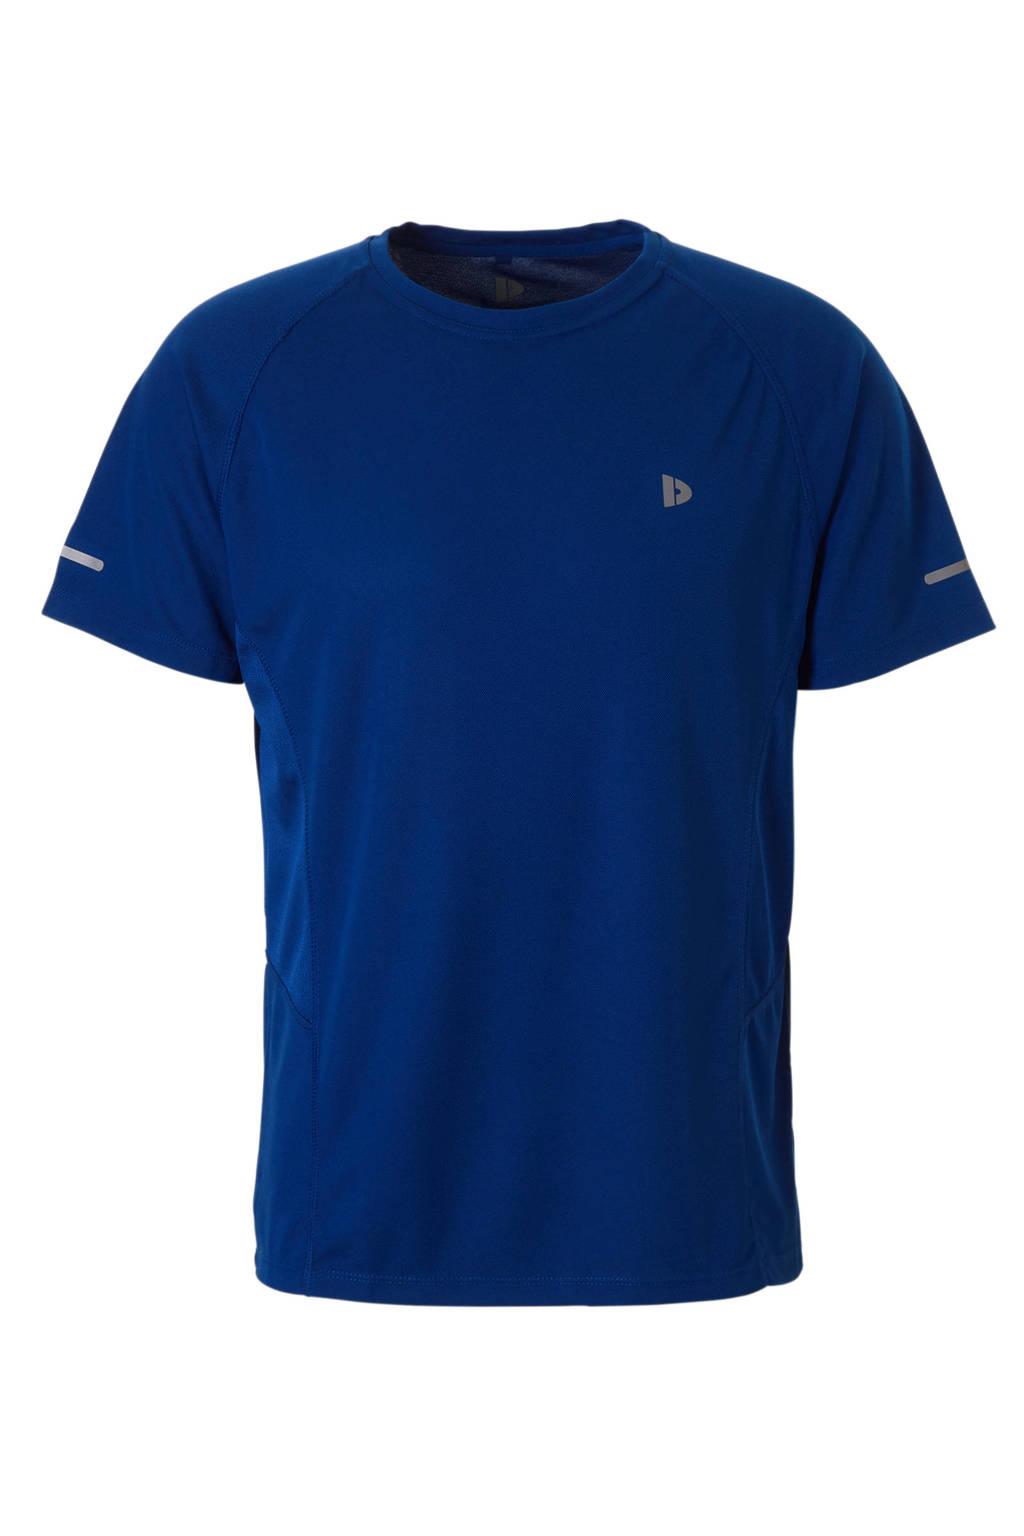 Donnay   sport T-shirt blauw, Kobaltblauw